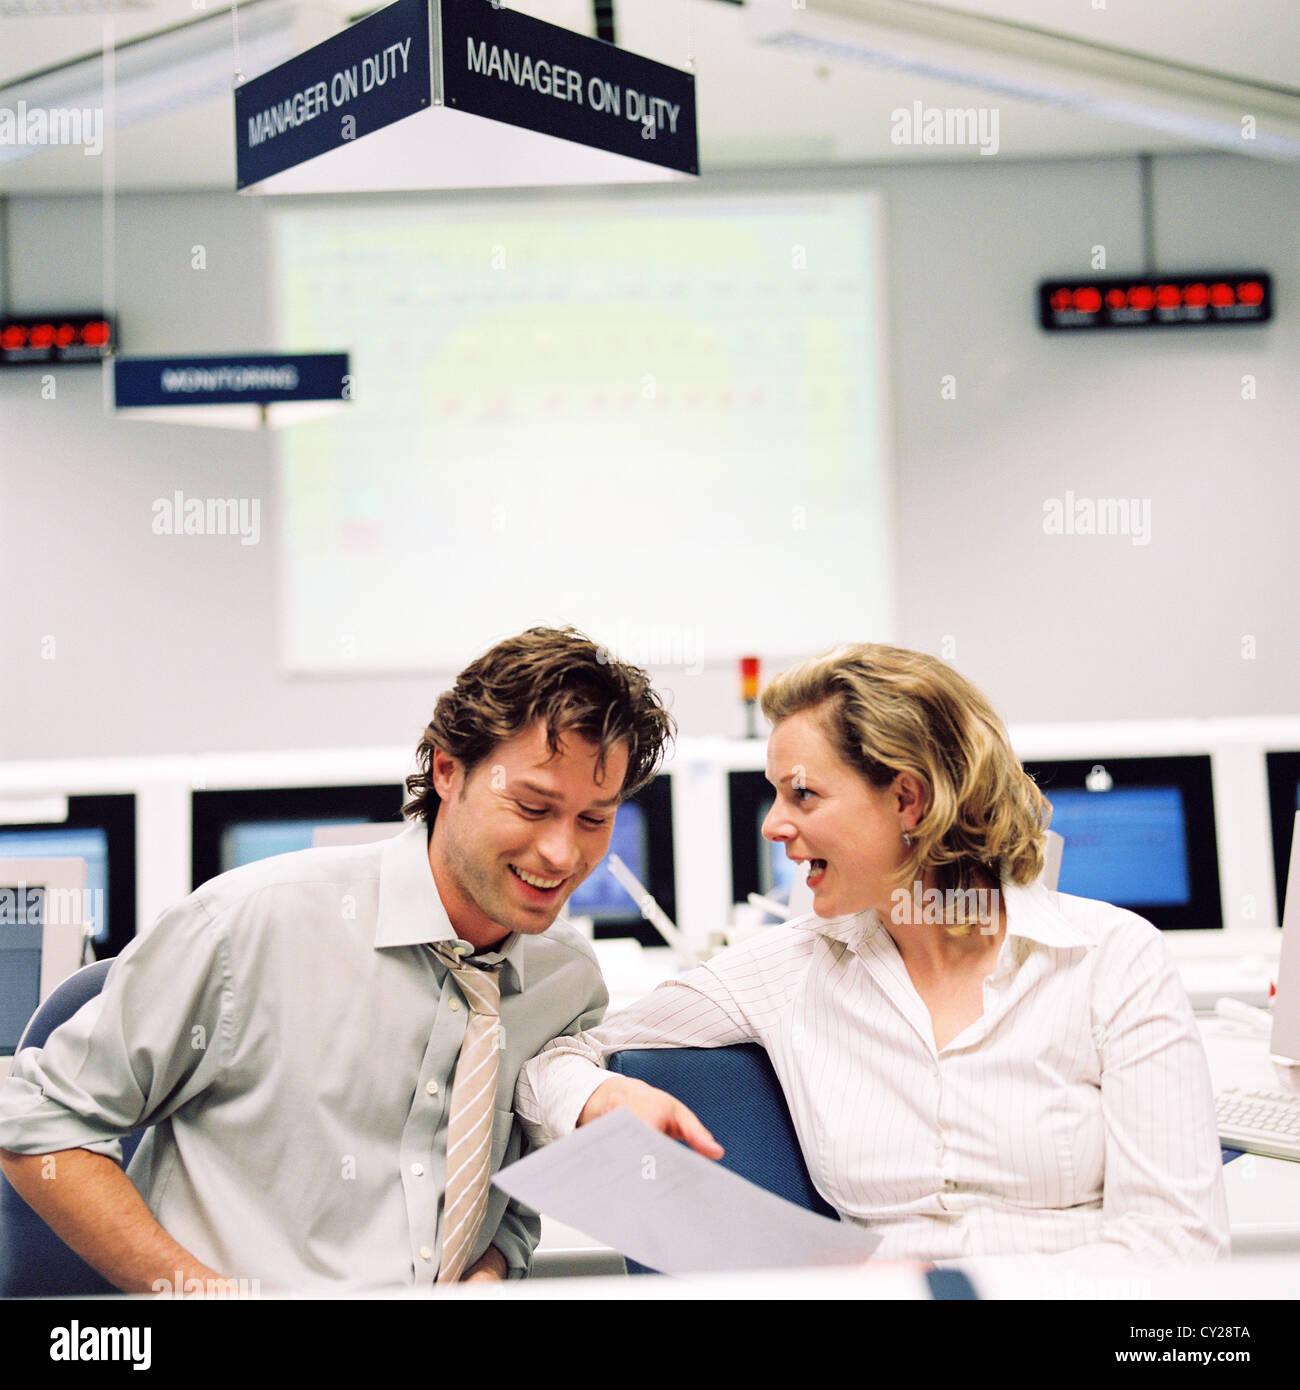 Geschäft Leute Rechenzentrum Control Center Mann Frau lizenzfrei außer anzeigen und Reklametafeln Stockbild